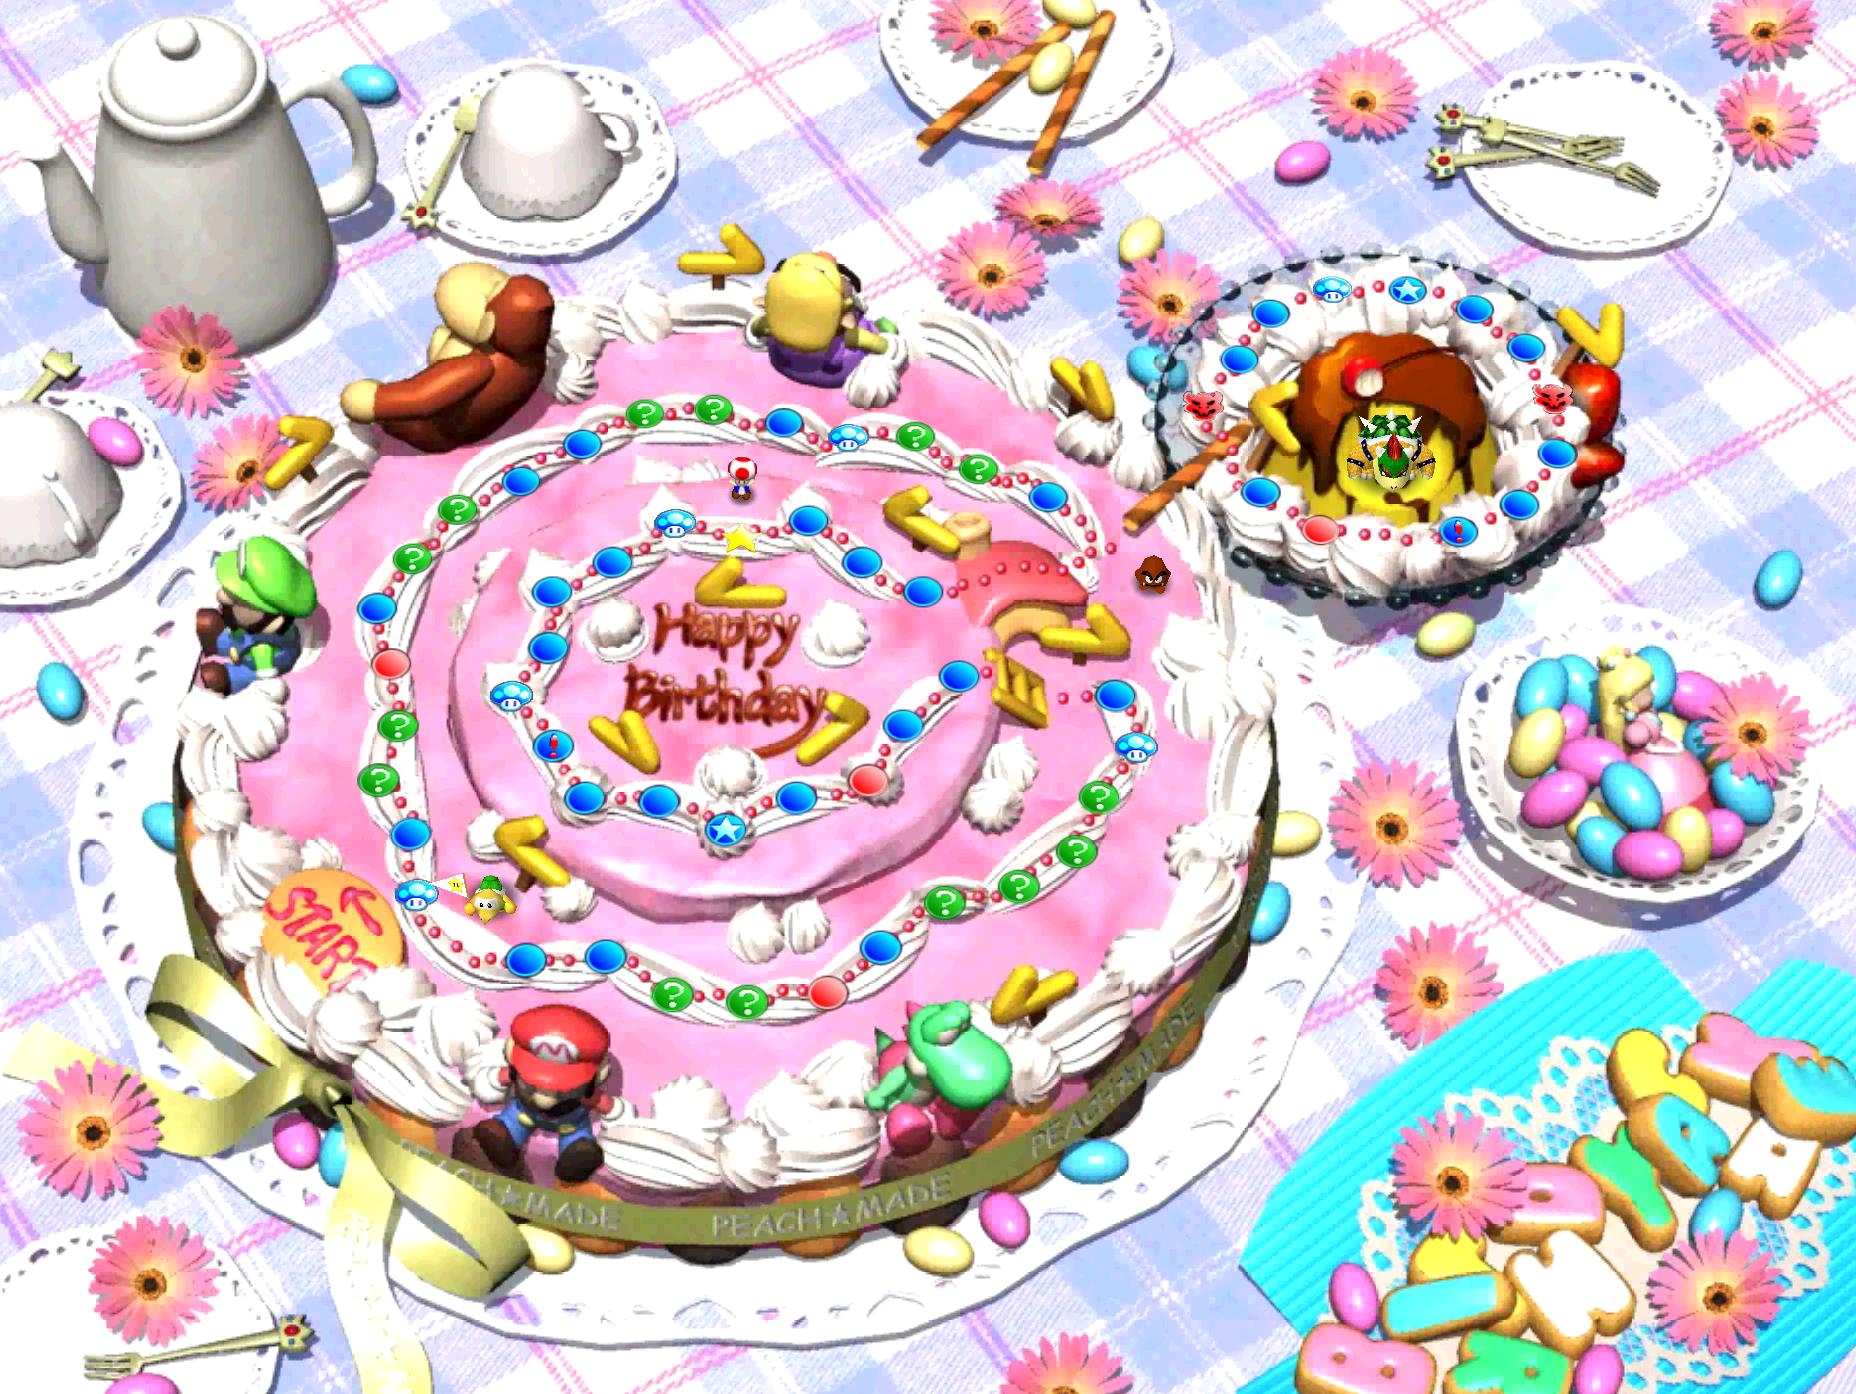 Peach S Birthday Cake Mariowiki The Encyclopedia Of Everything Mario